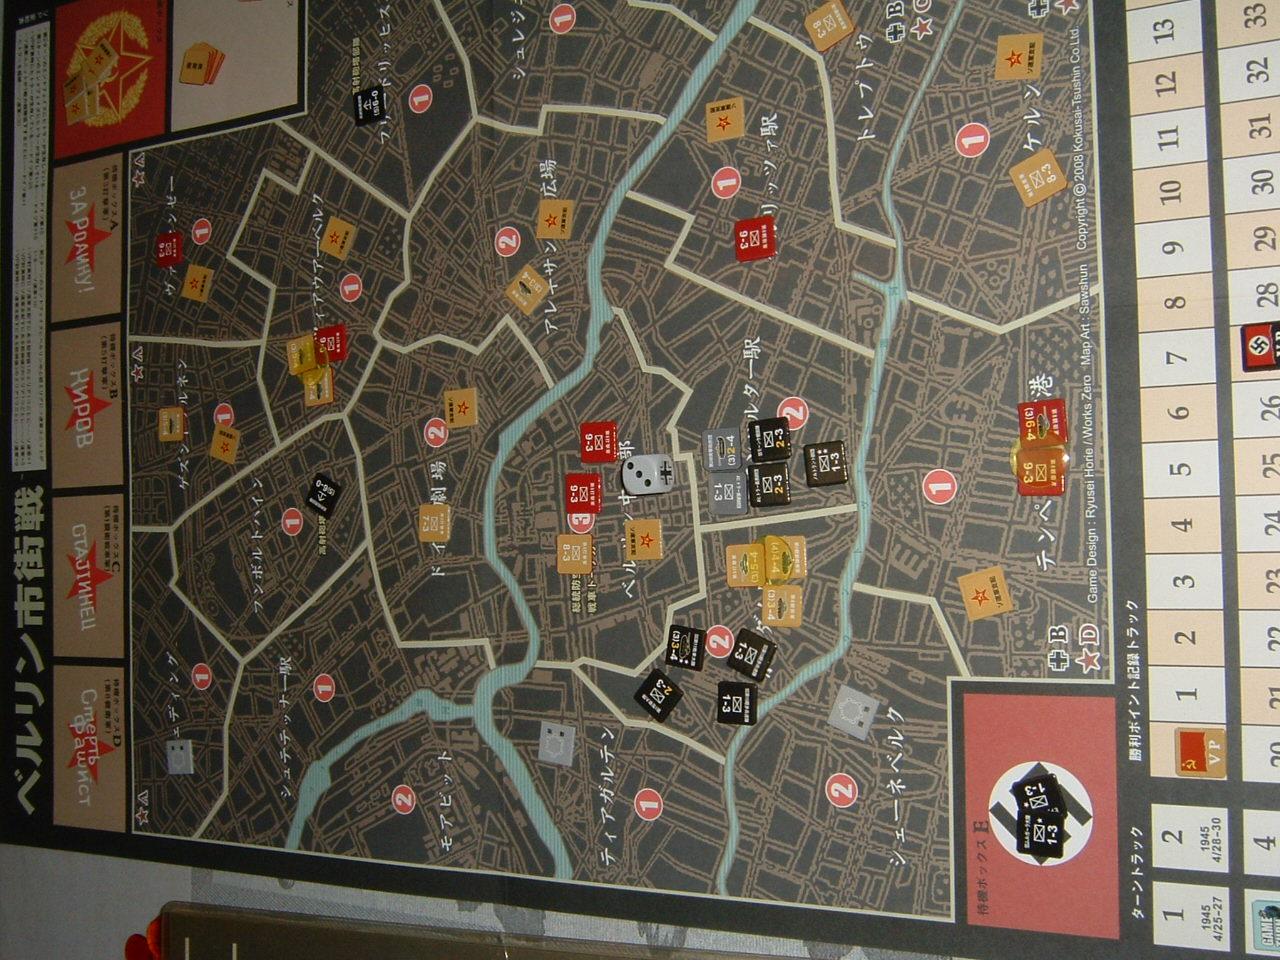 発掘2008.2.29対戦写真(CMJ誌79付録)ベルリン市街戦 その1_b0173672_12173939.jpg